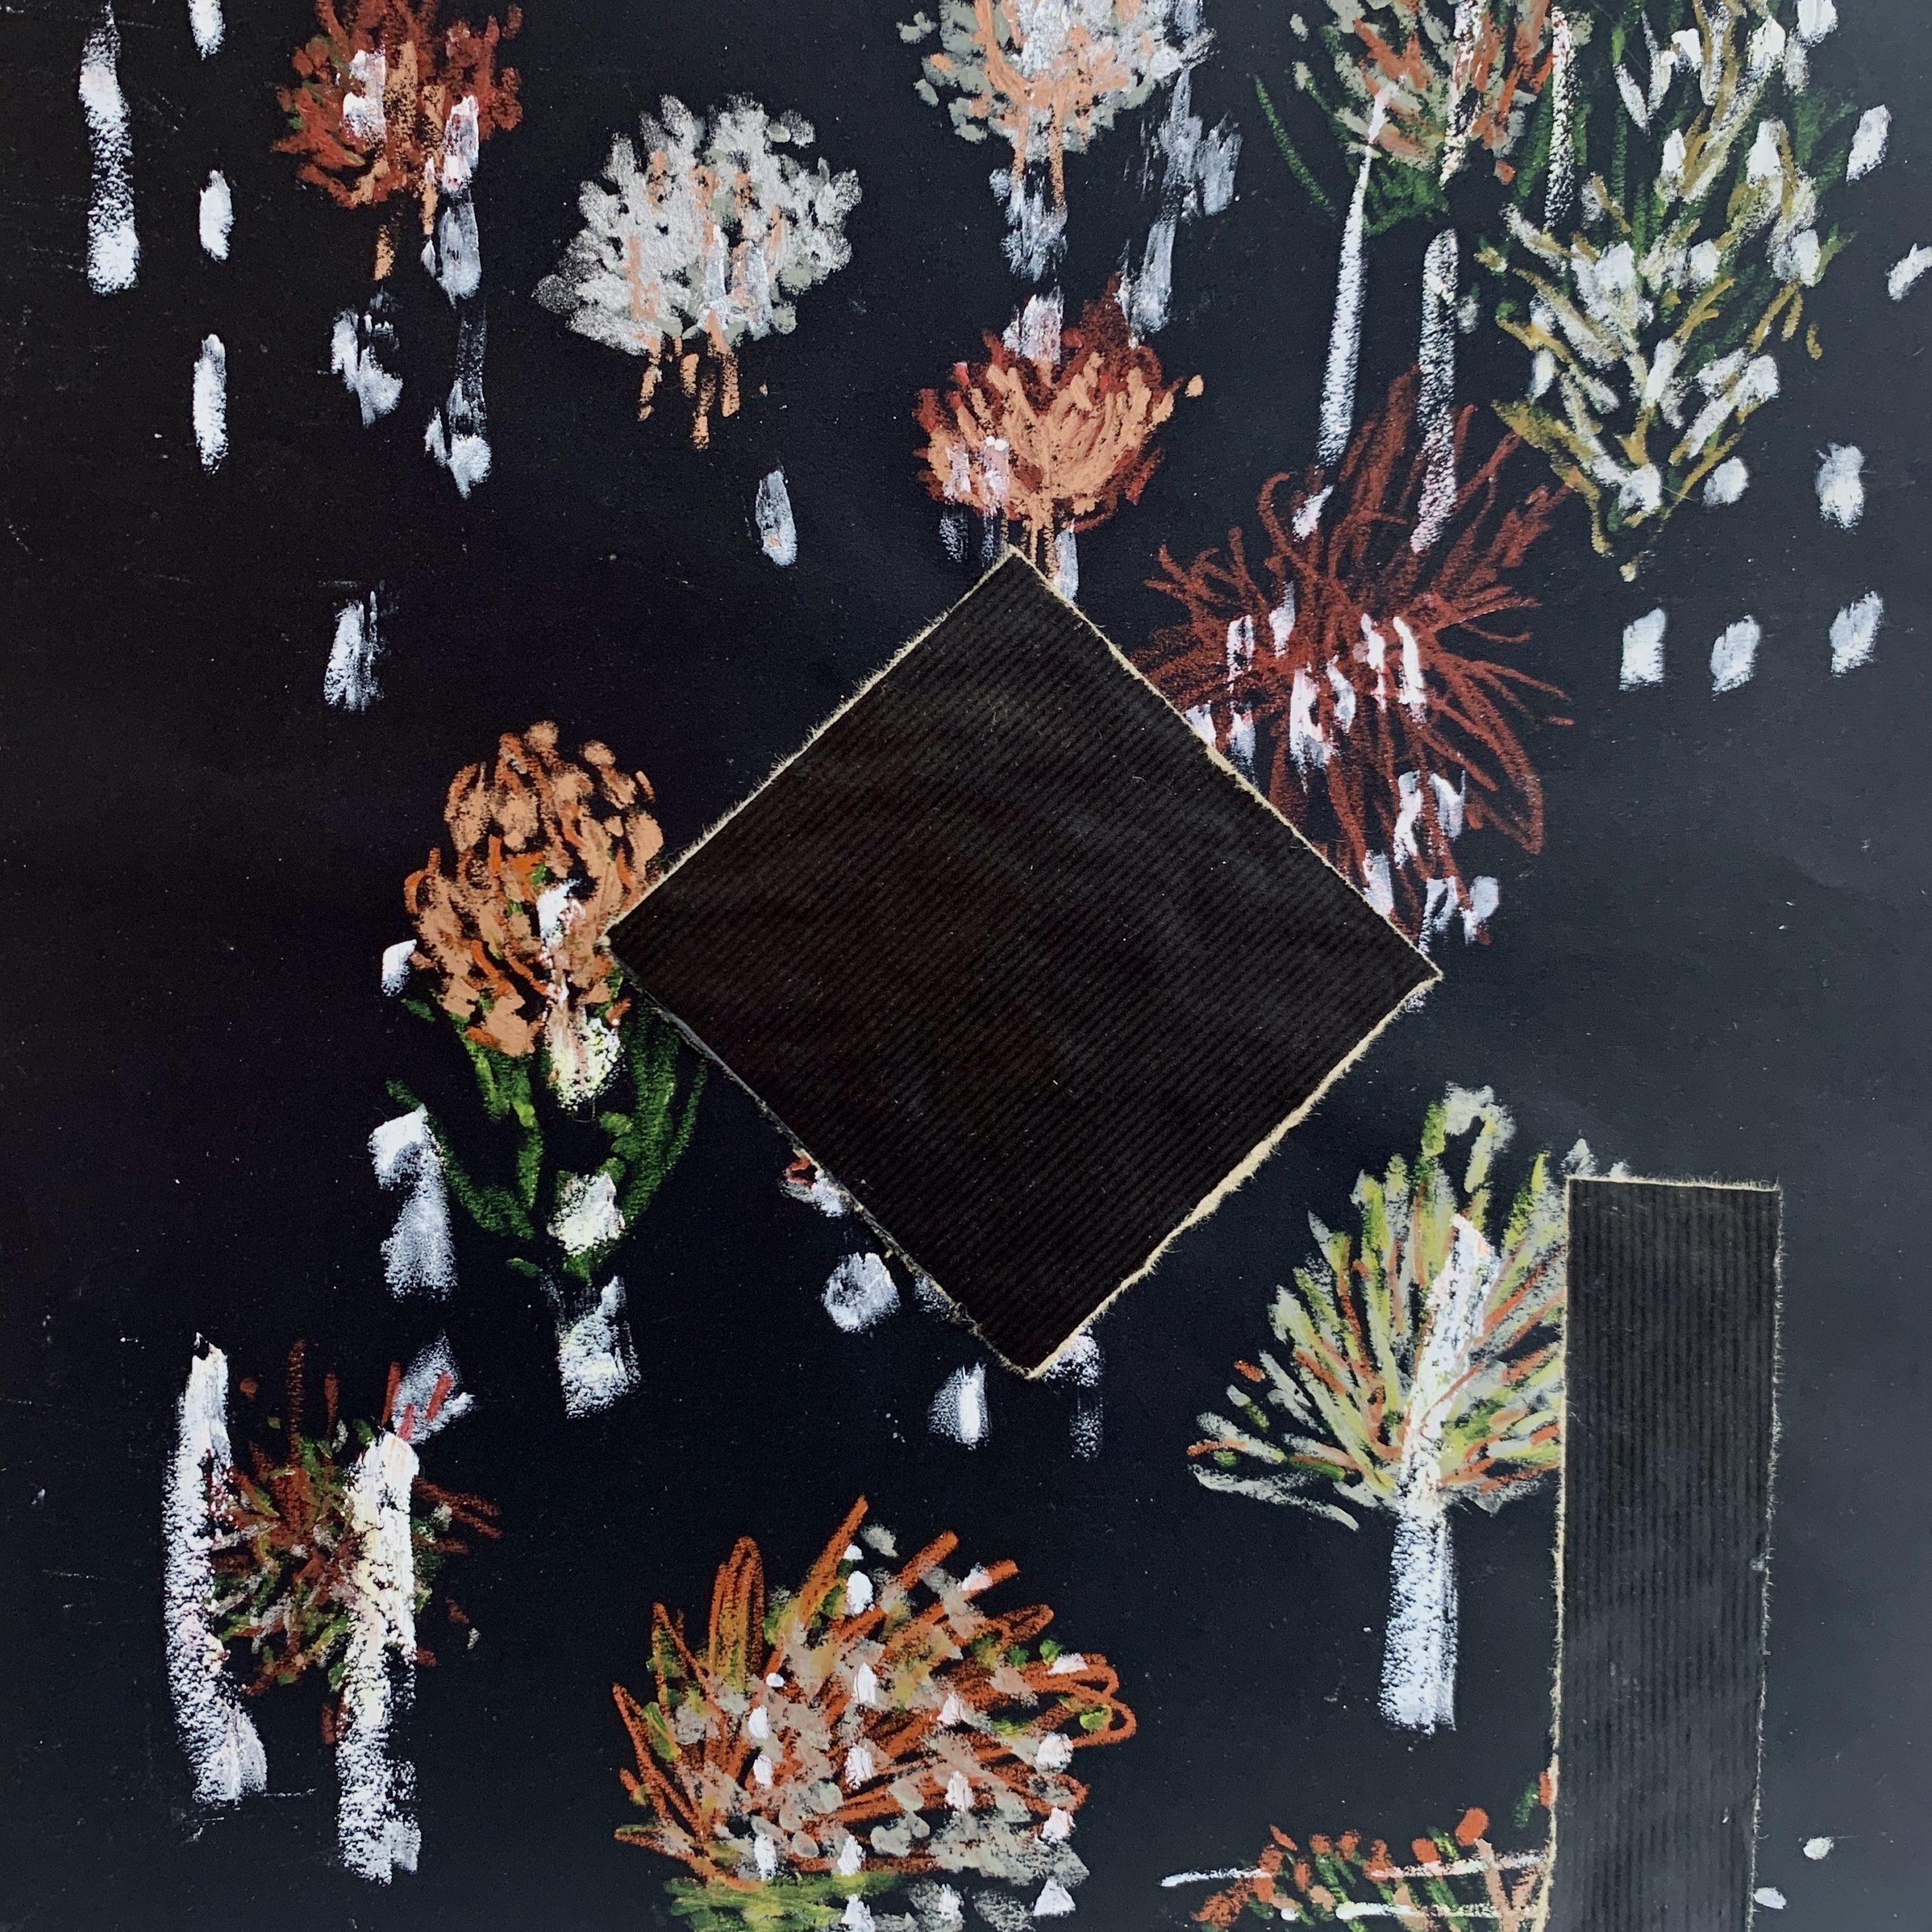 Pierre Lautier, collage. «Mauvaises graines», Paris, 22, rue Visconti. Du 18 au 22 septembre 2020. Photo artvisions.